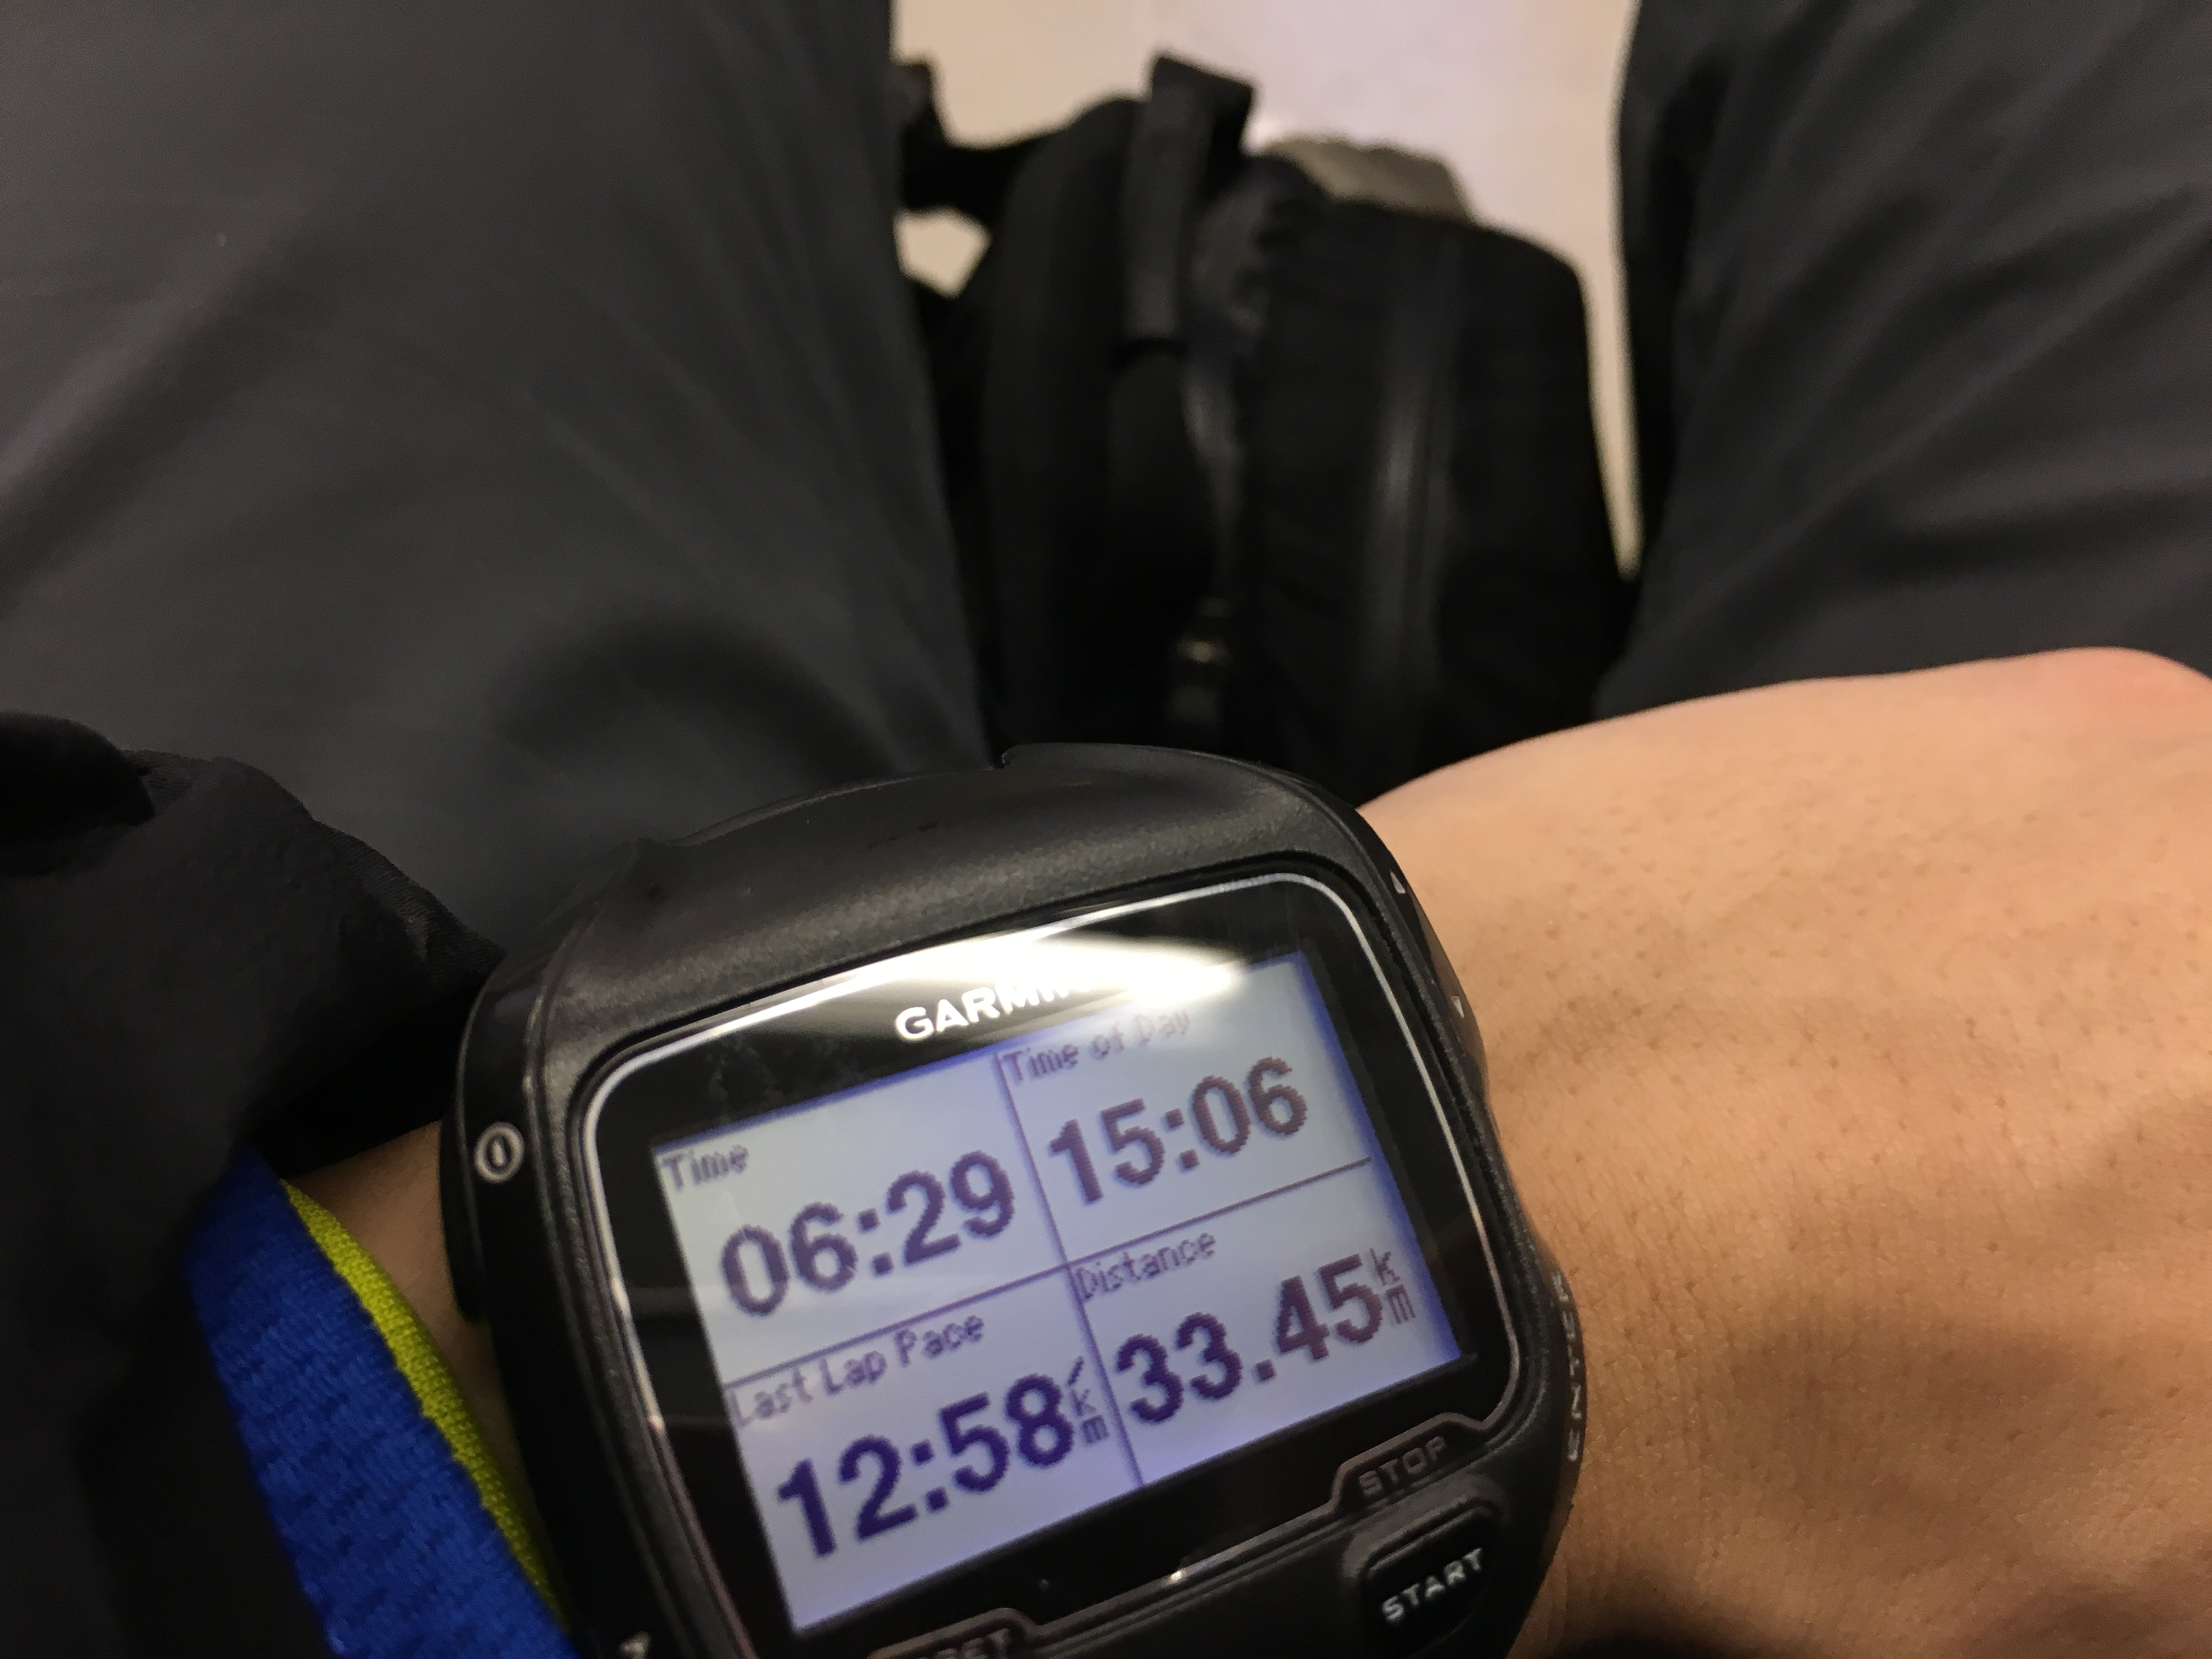 第2回TOKYO八峰マウンテントレイル完走記その5~記録詳細、所感など~